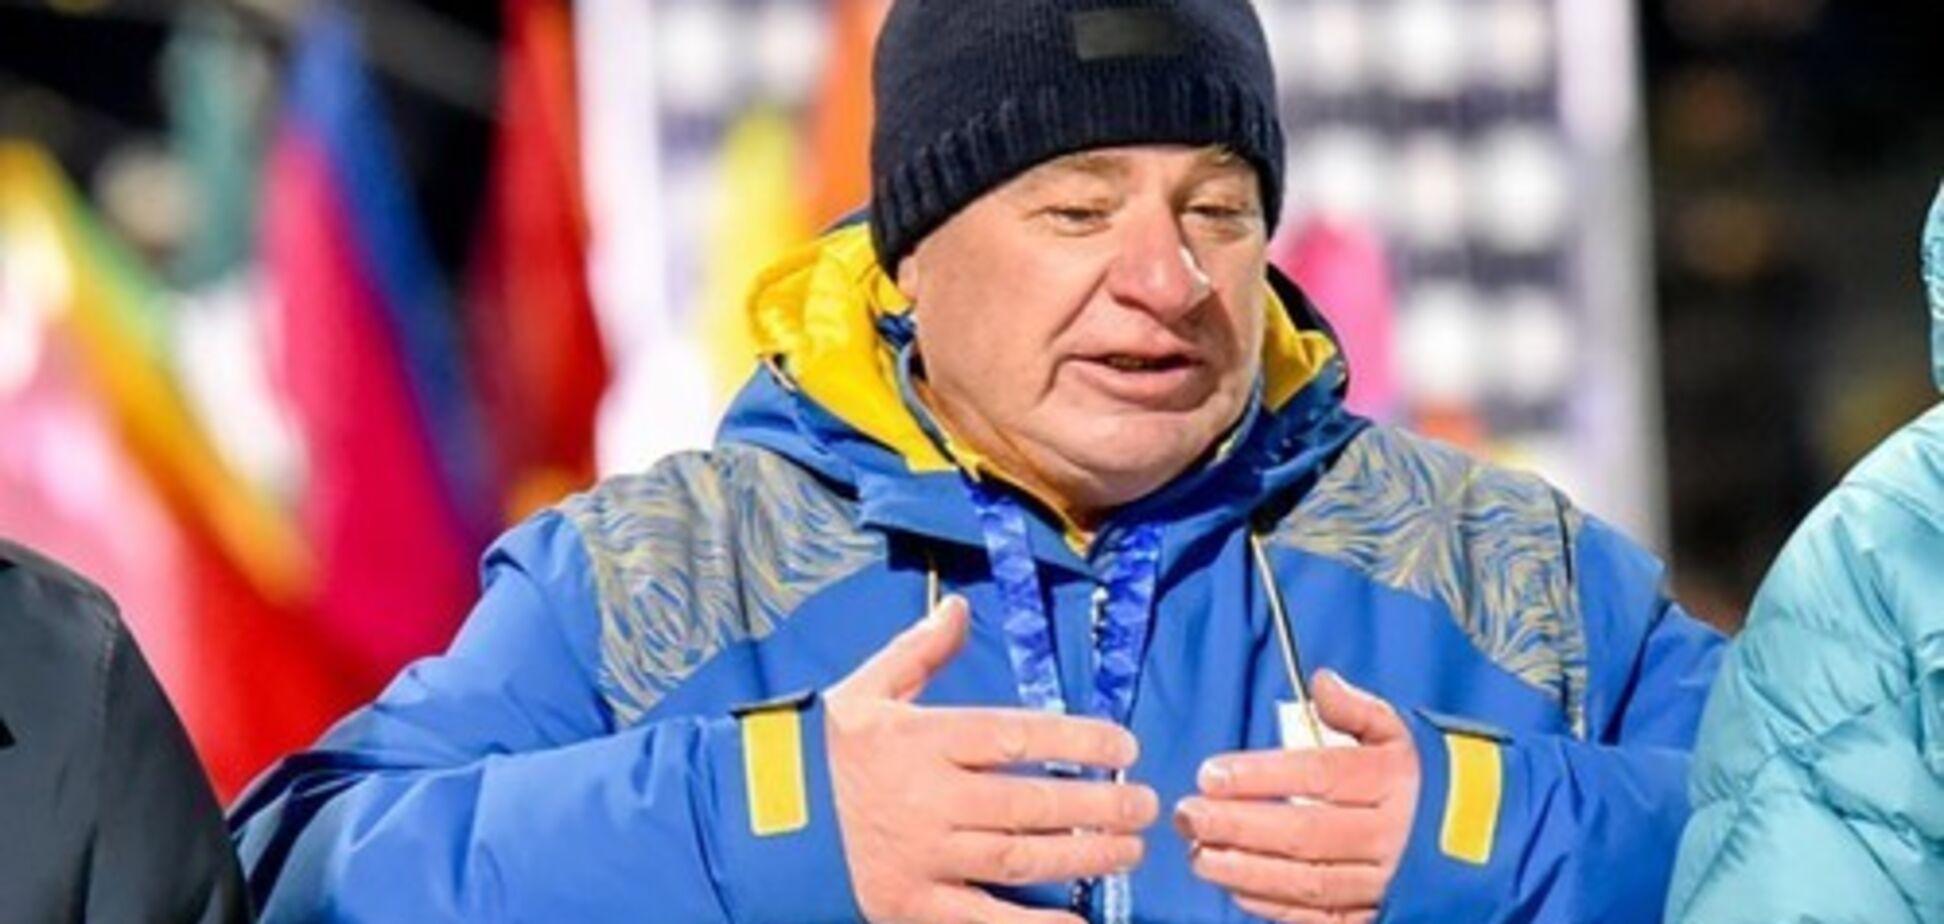 Облава на збірну Росії на ЧС з біатлону: Бринзак відповів про 'вину України'